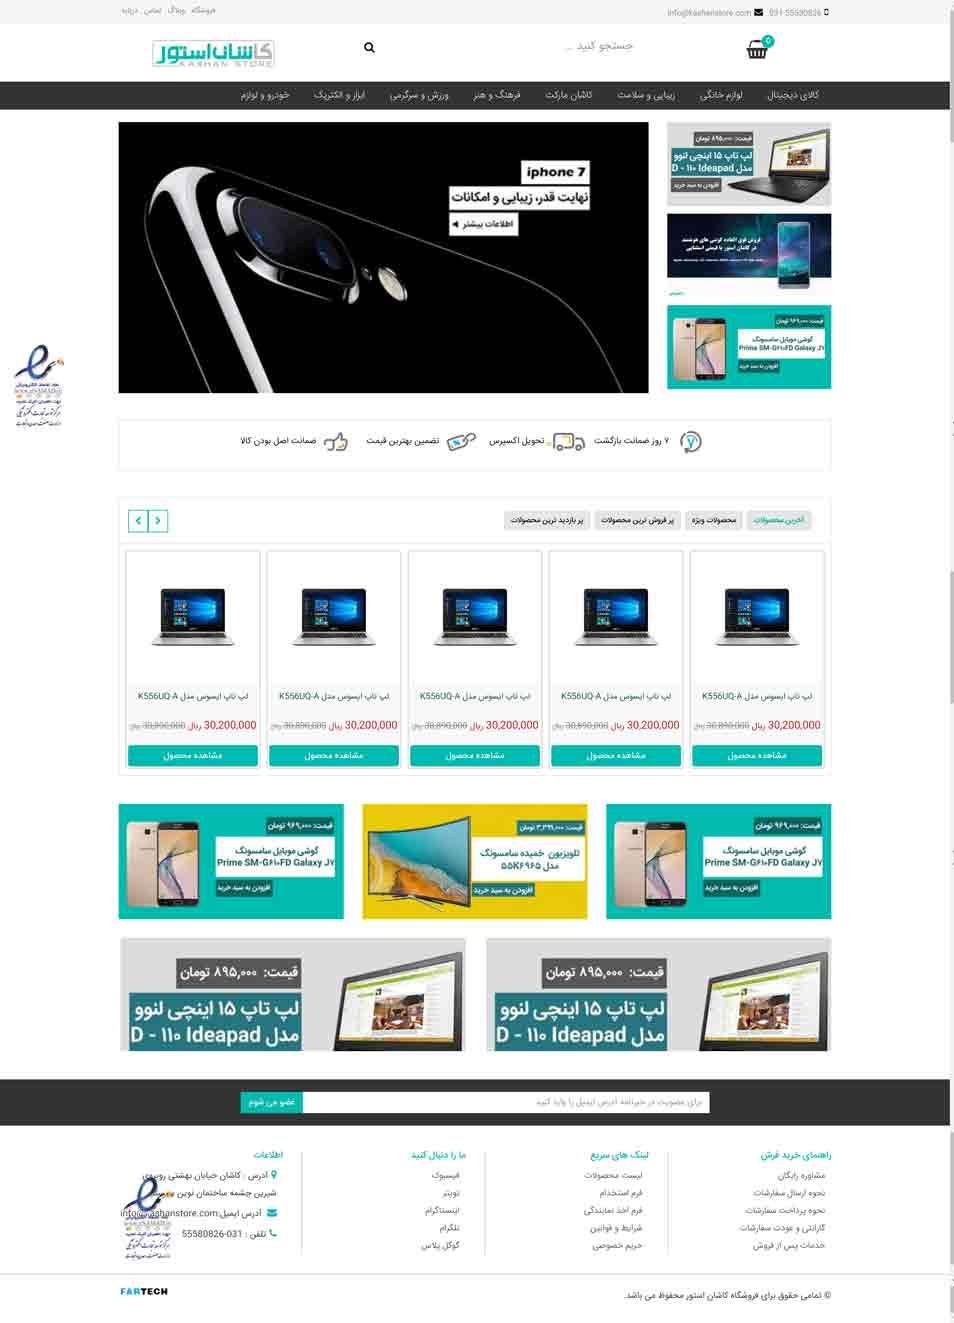 طراحی فروشگاه آنلاین کاشان استور